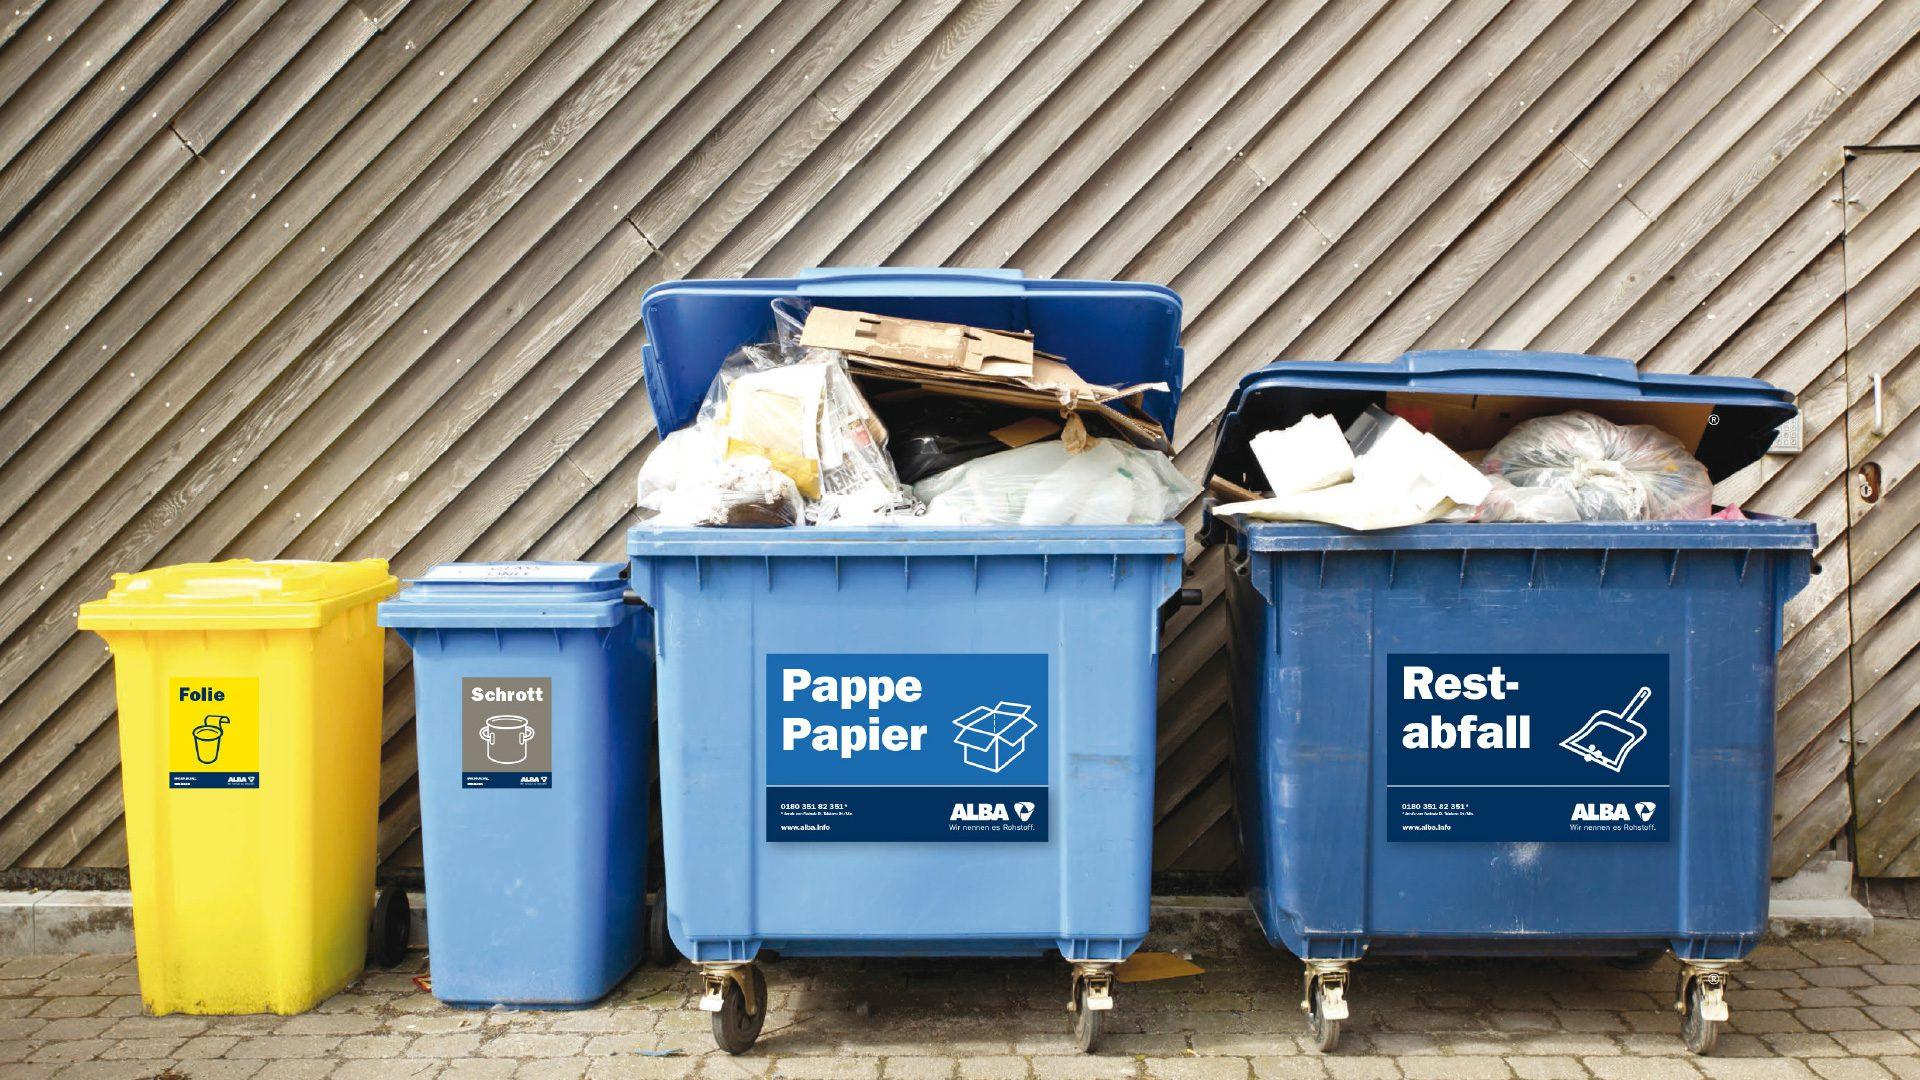 Alba Corporate Design Mülltonnen: Papier, Restabfall, Schrott, Folie